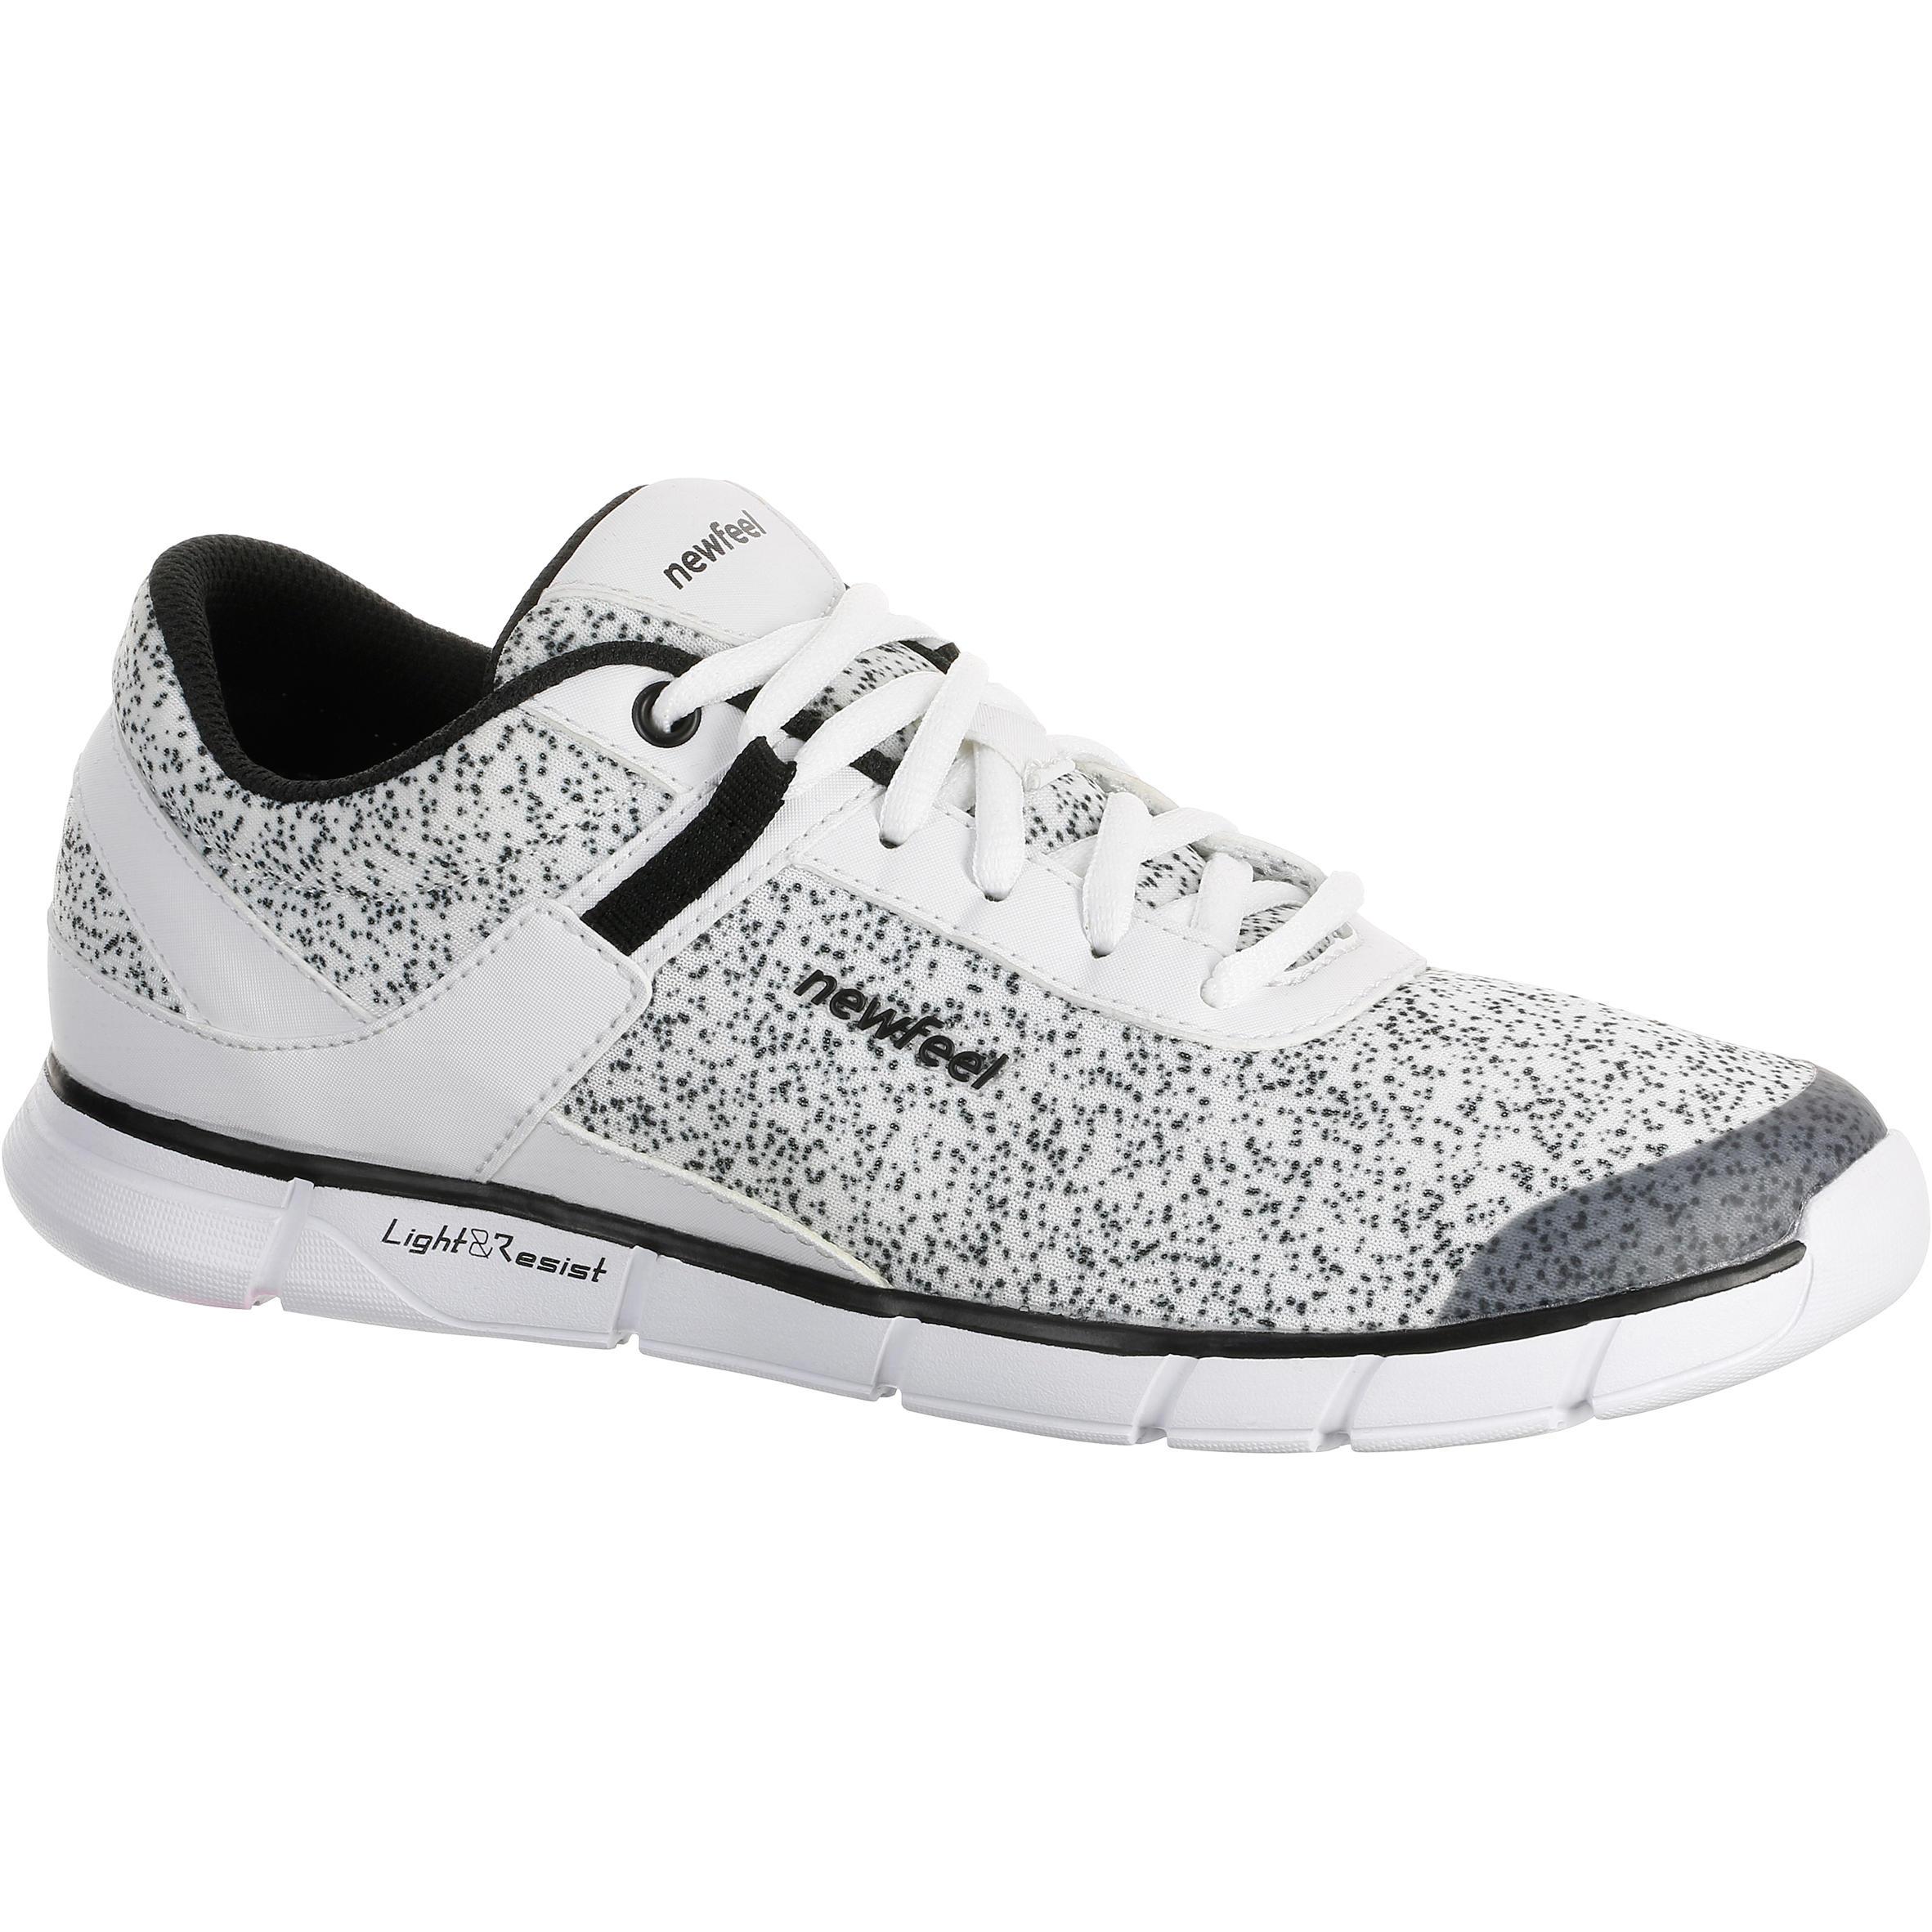 sin embargo Siete sugerir  Comprar Zapatillas de Andar para Mujer   Decathlon